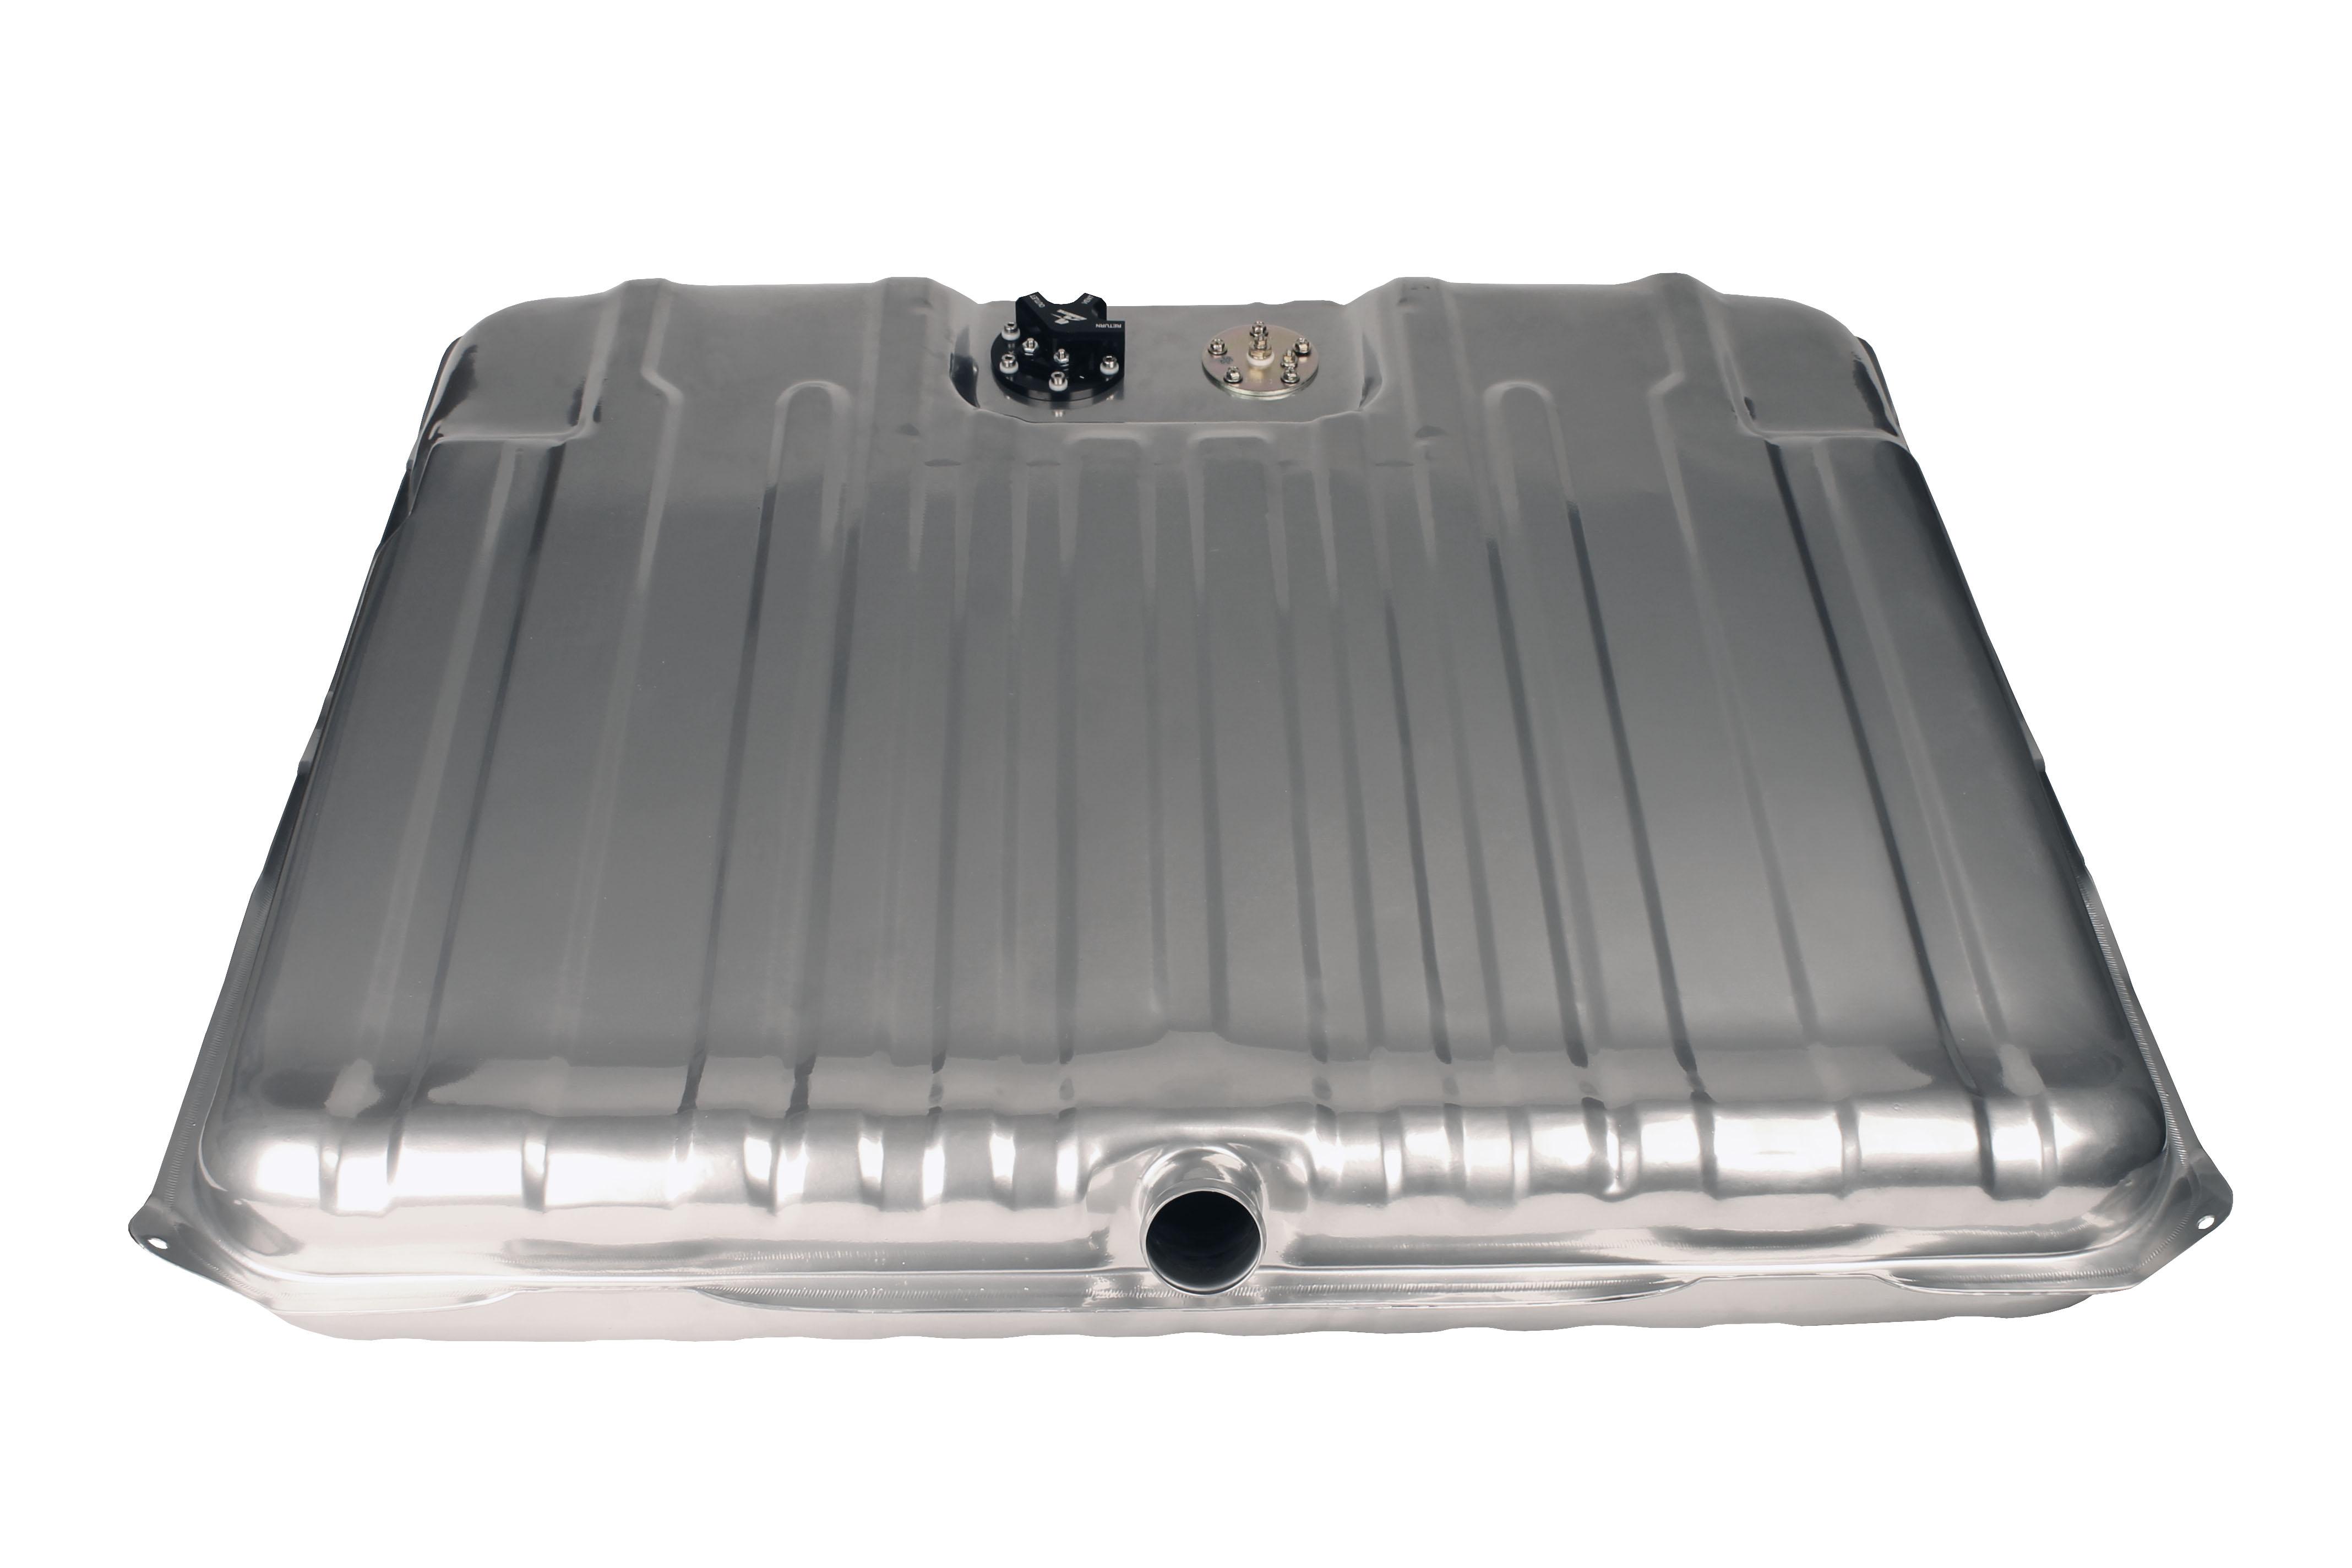 64-67 Cutlass Fuel Tank